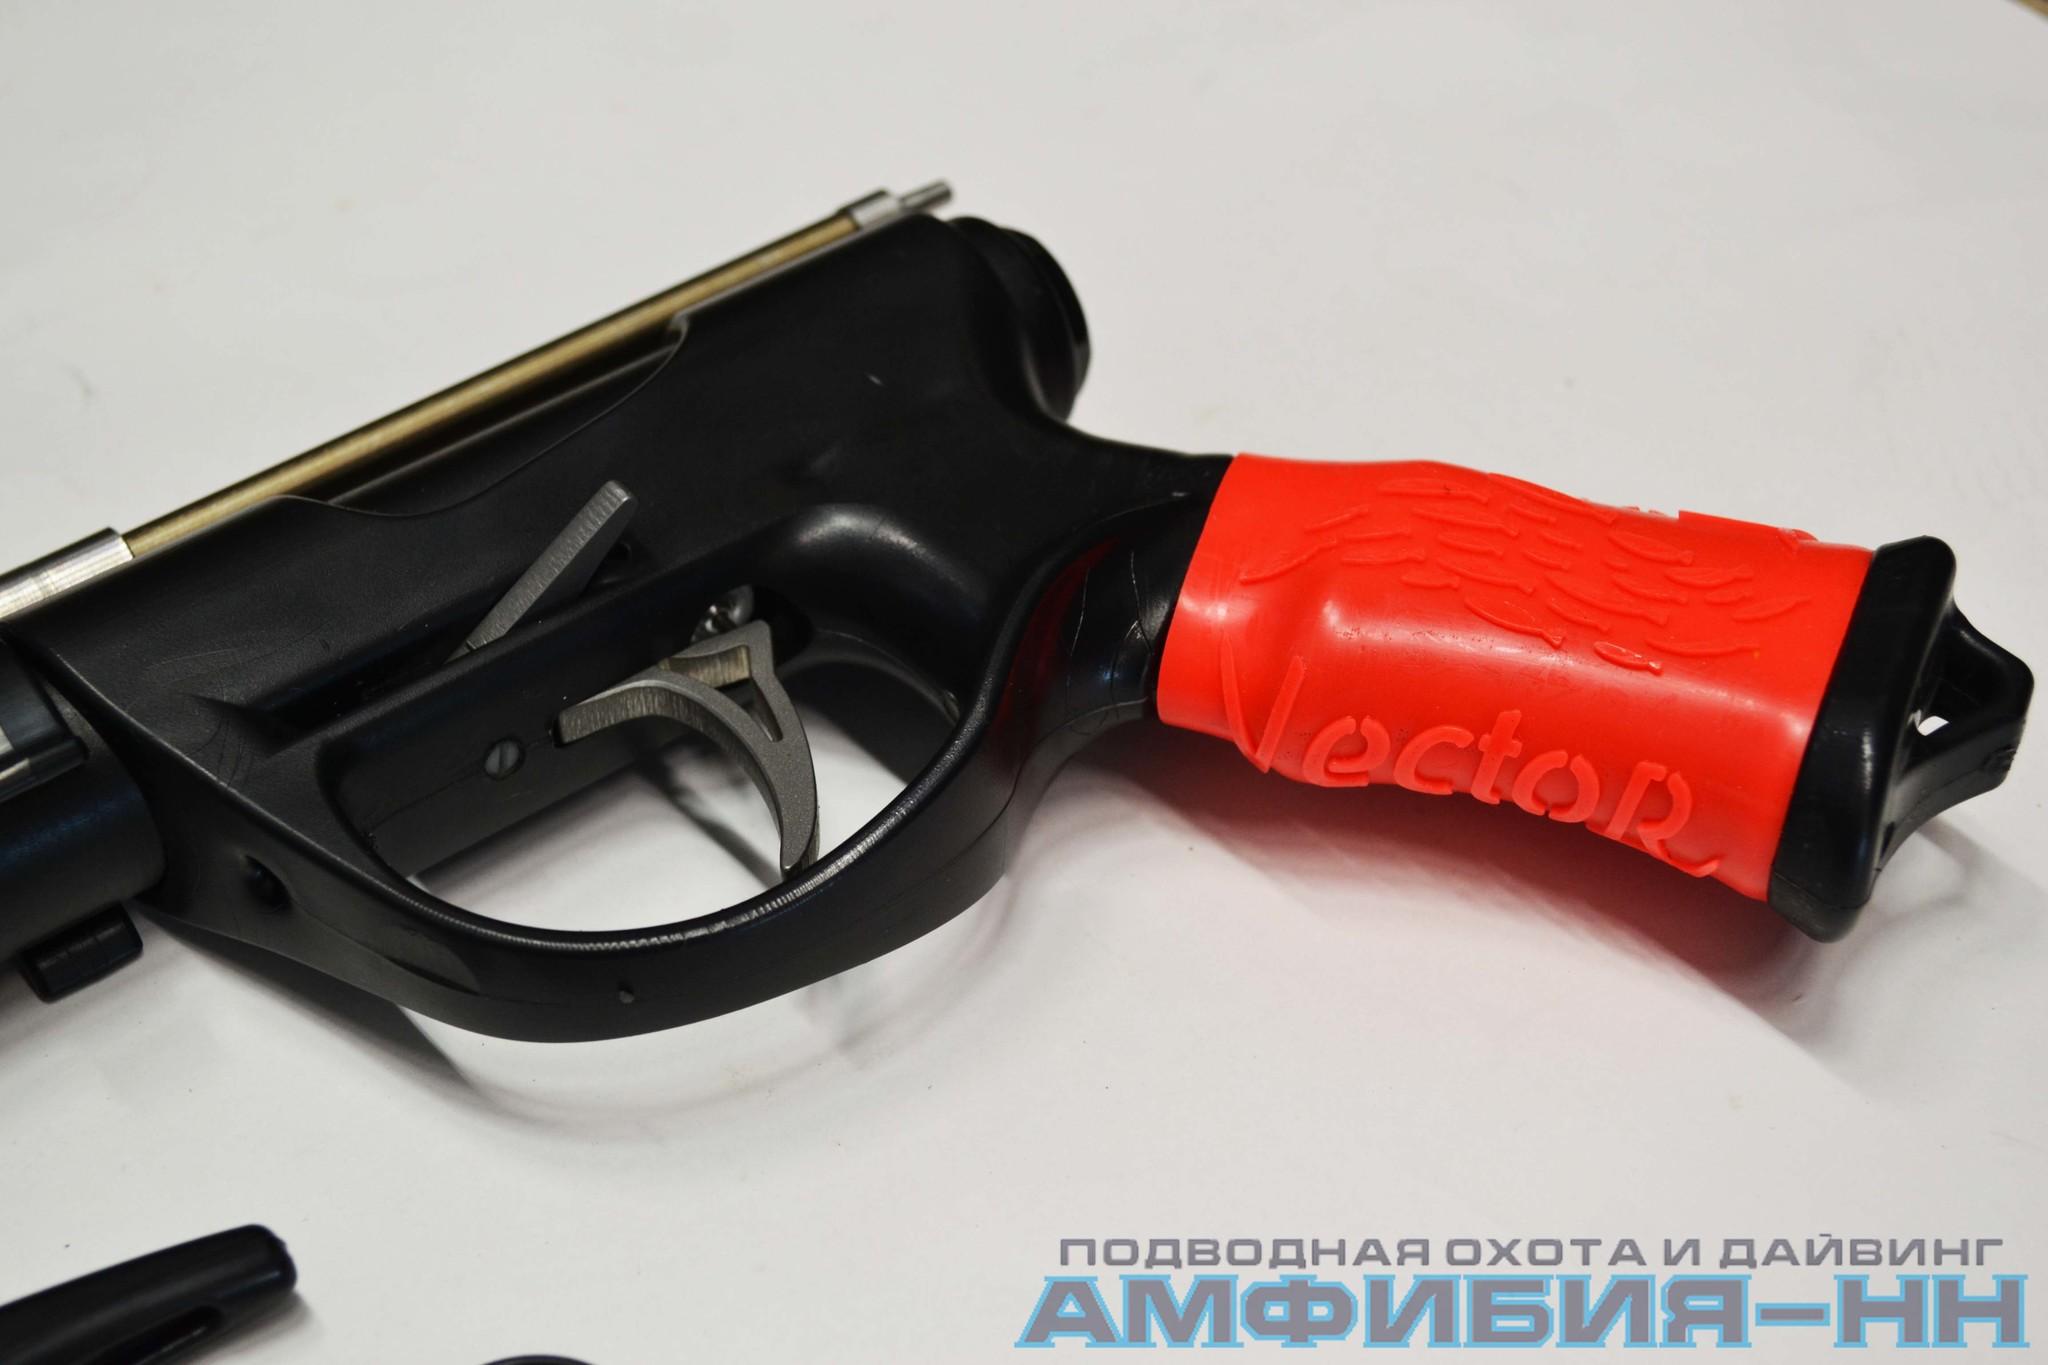 Ружье Vector с торцевой рукояткой